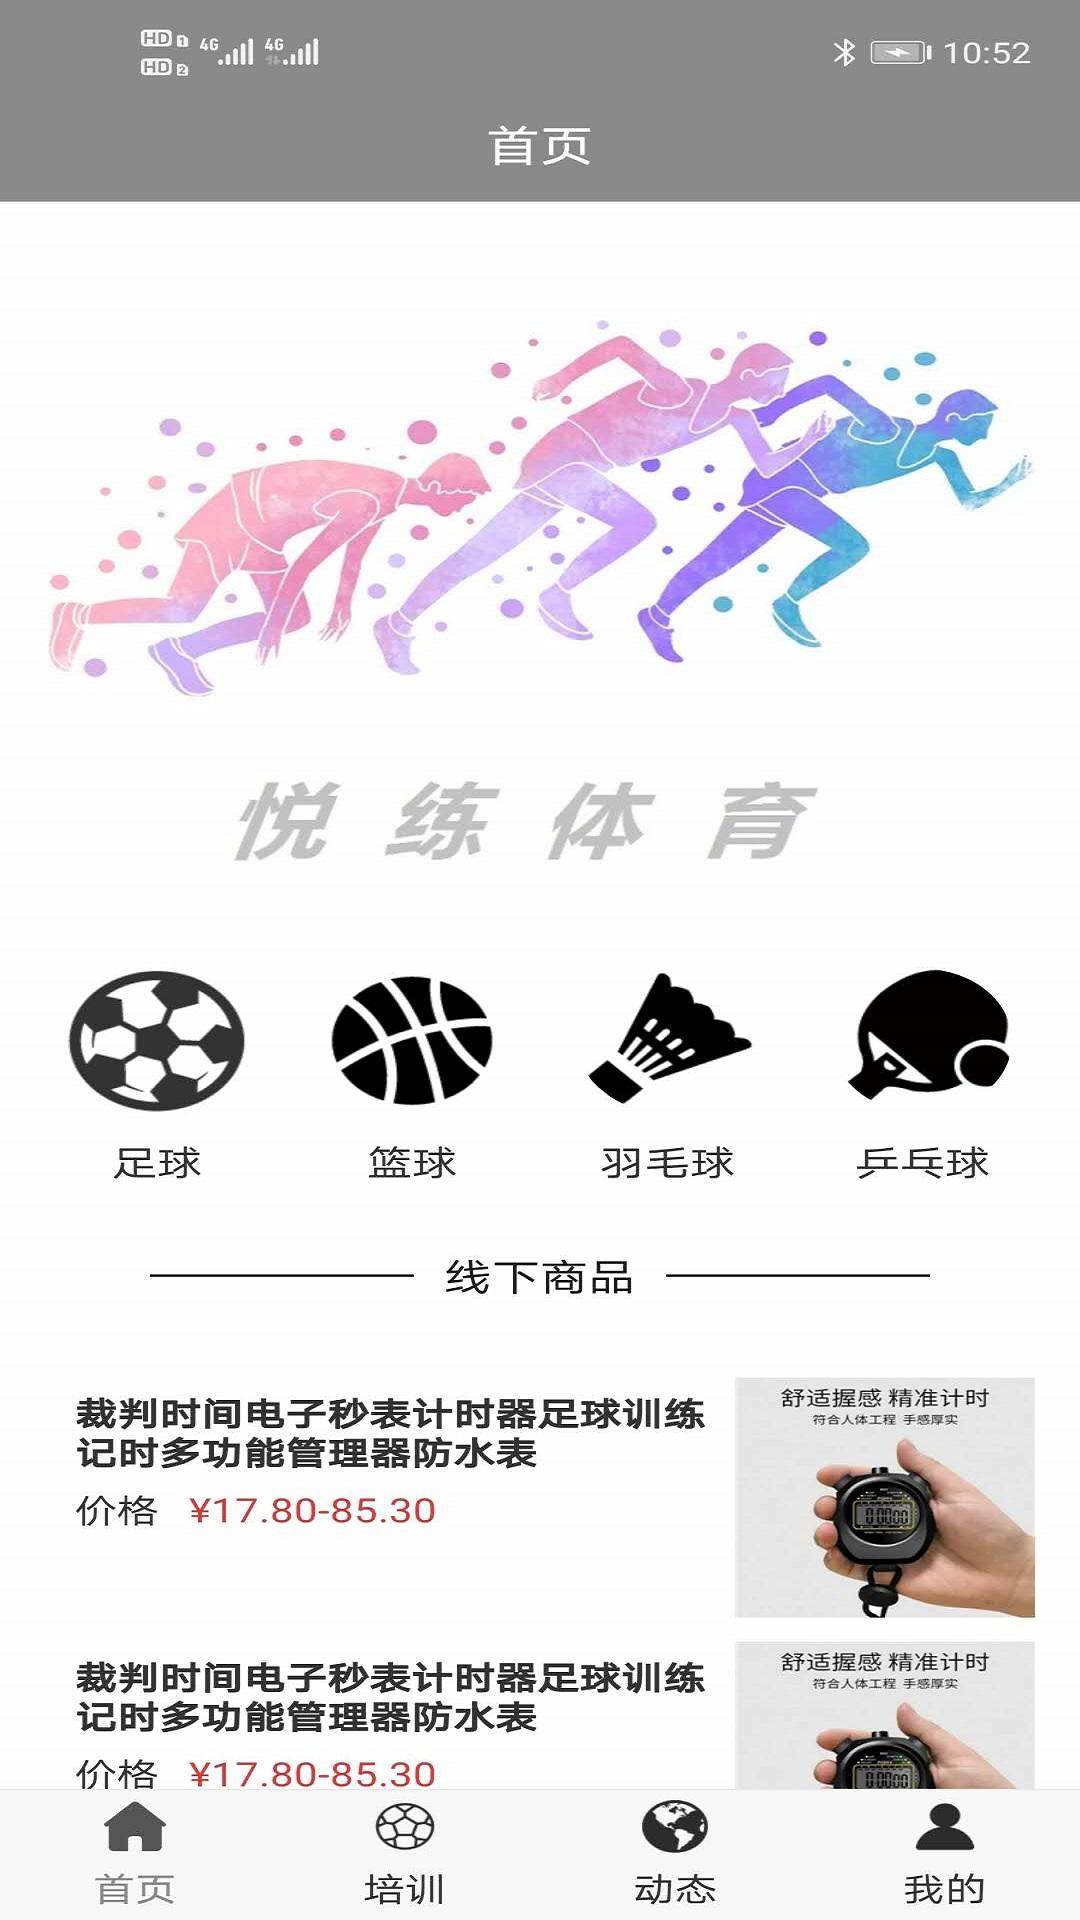 悦练体育截图(1)